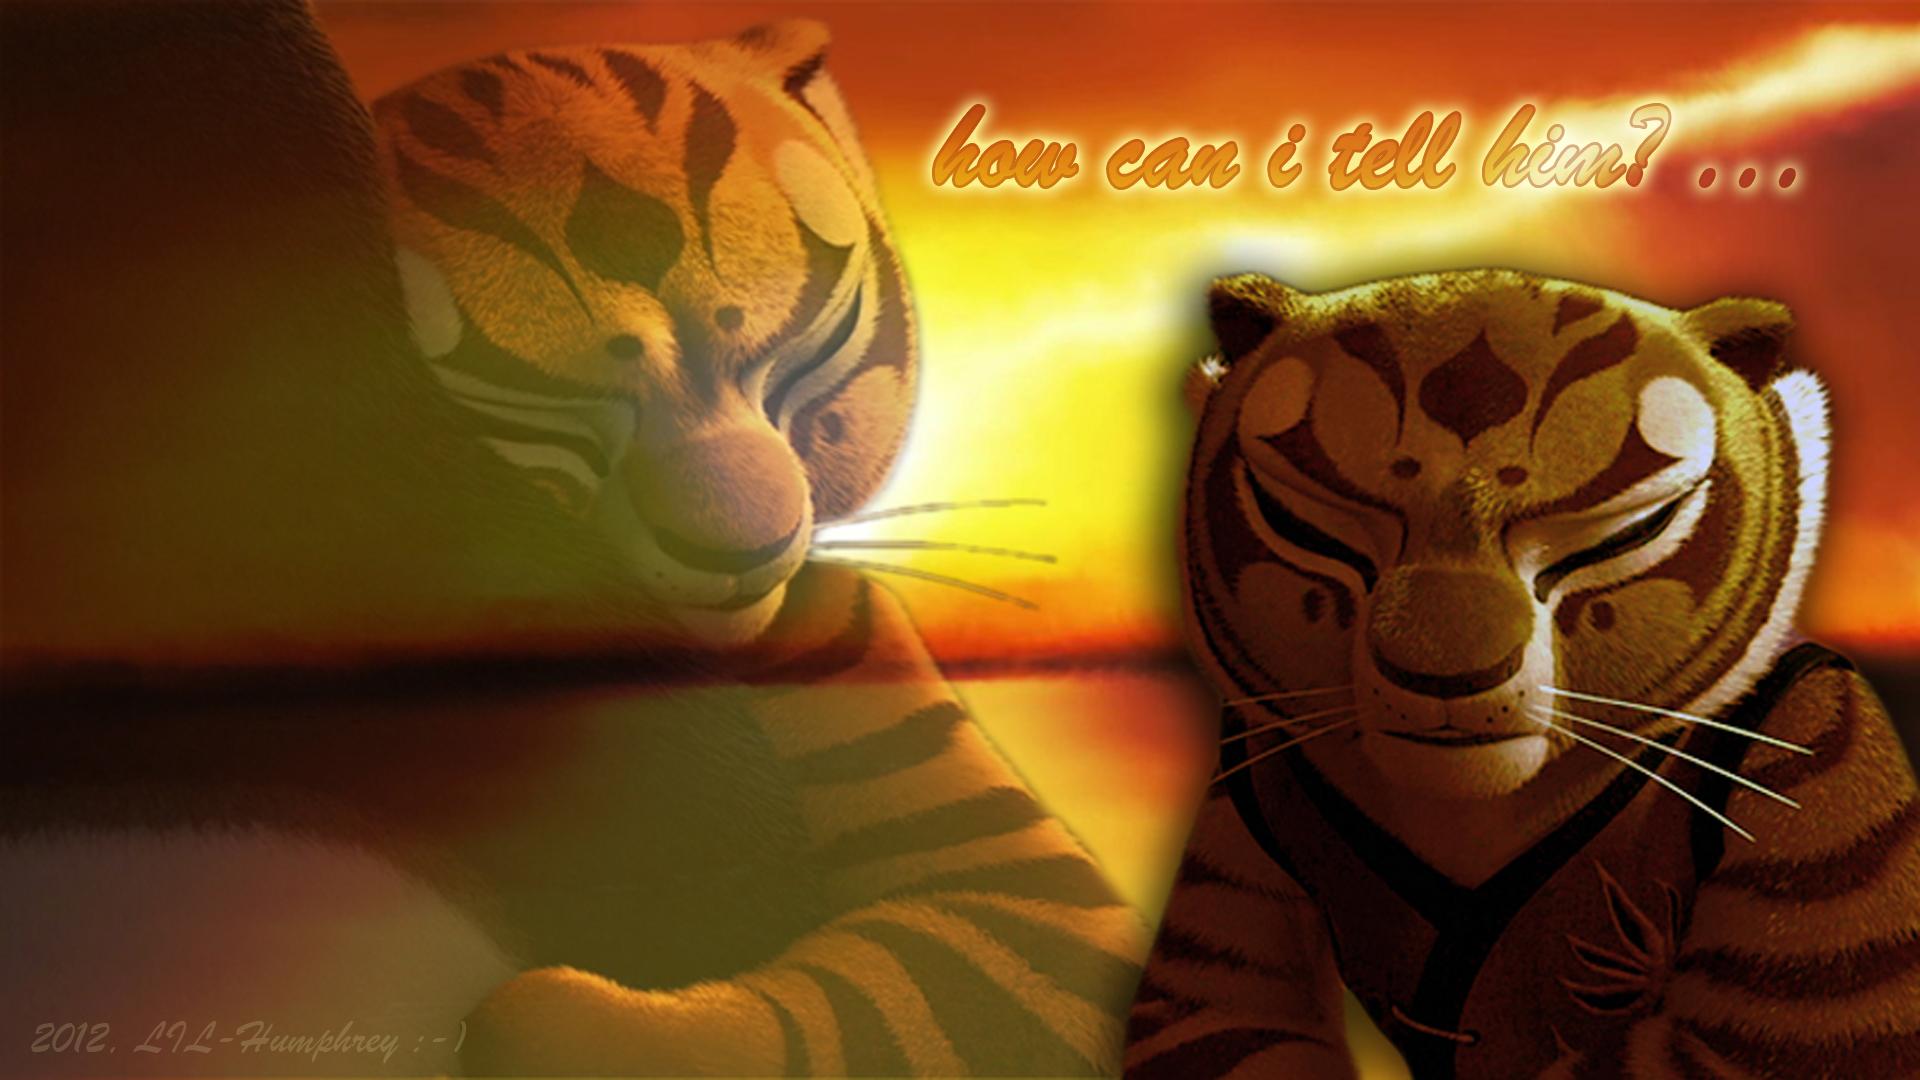 tijgerin, die tigerin secretly in Love